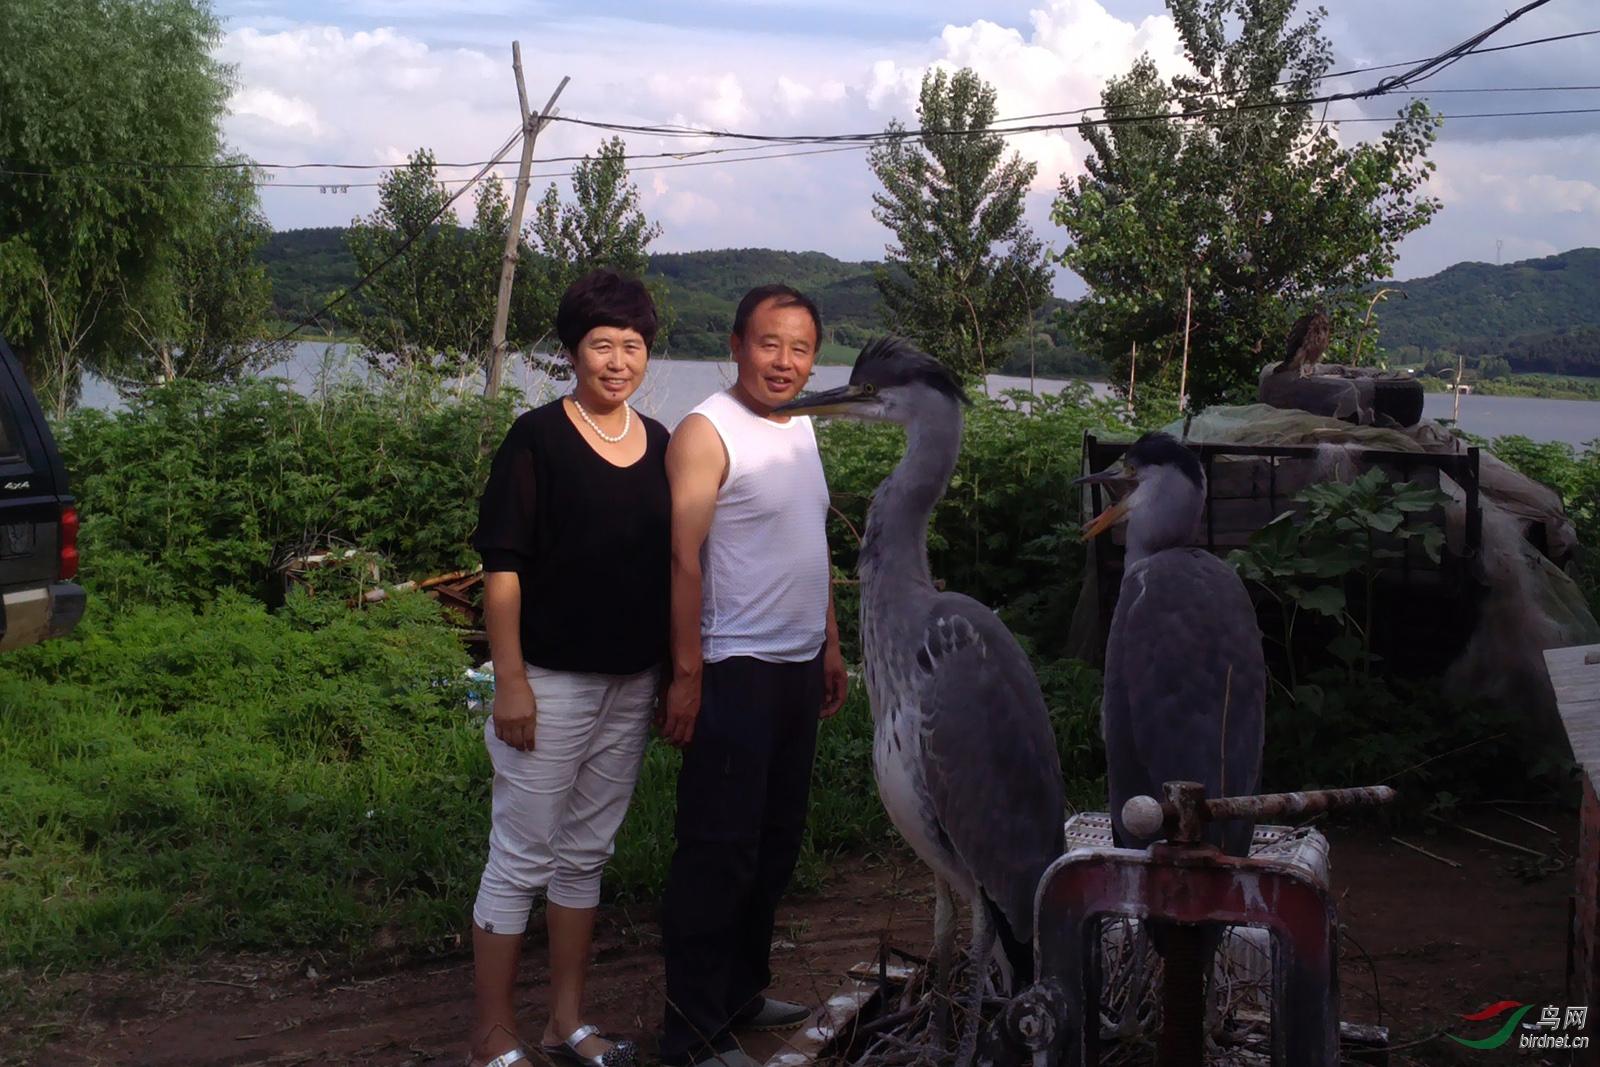 水库老板夫妇经常为小苍鹭下湖捕鱼。.jpg